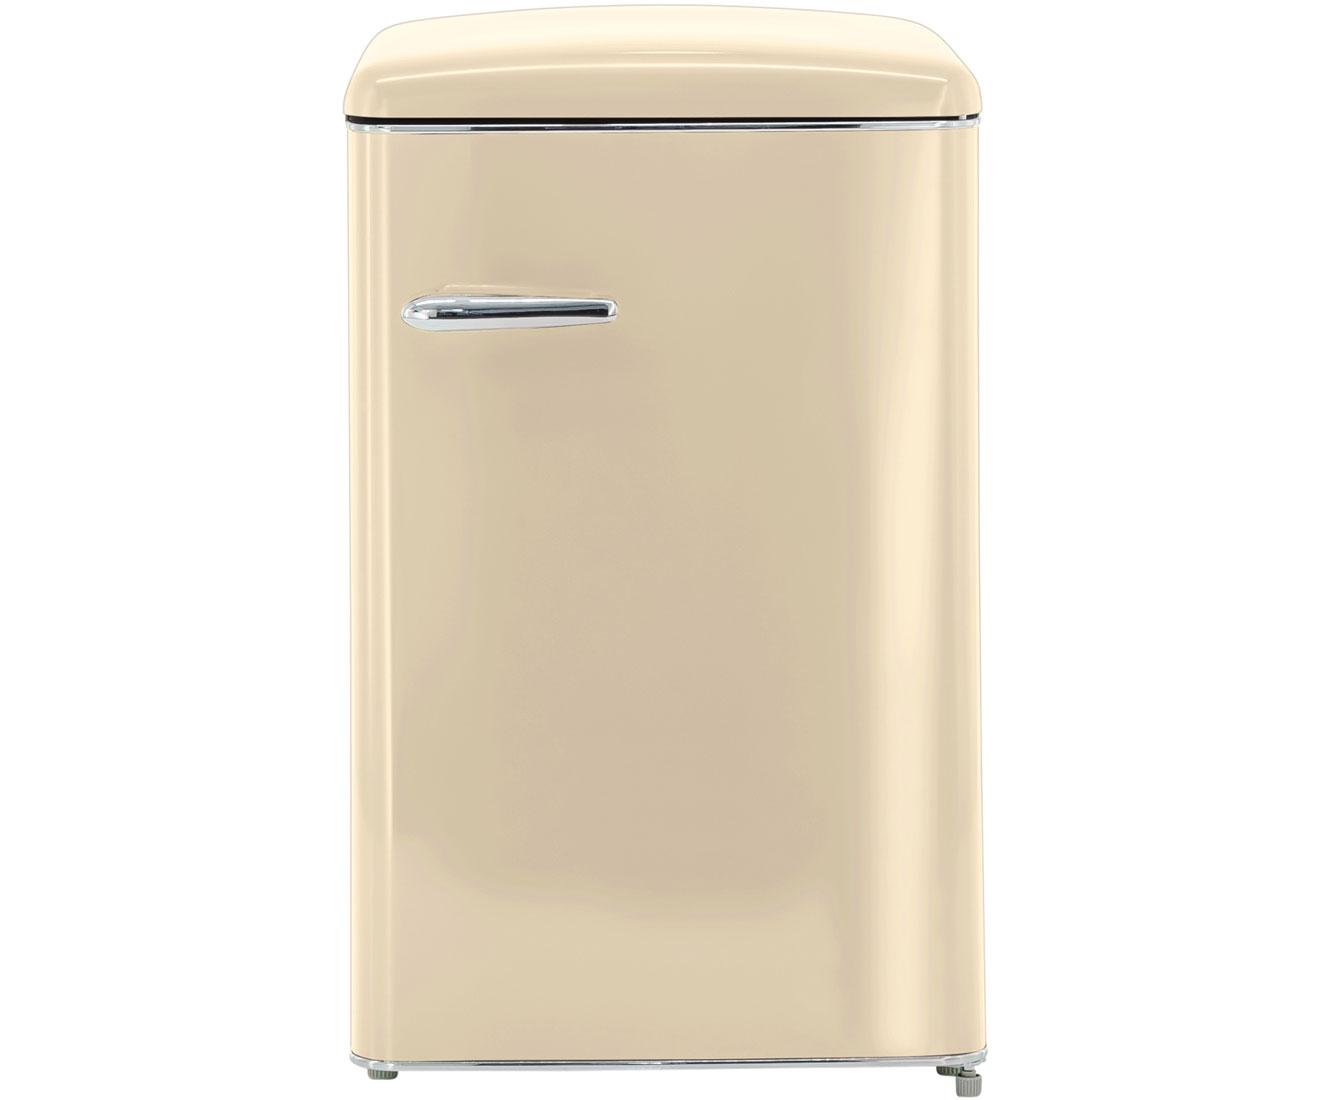 Amerikanischer Kühlschrank Türkis : Kühlschrank kaufen günstig einbau kühlschrank test vergleich